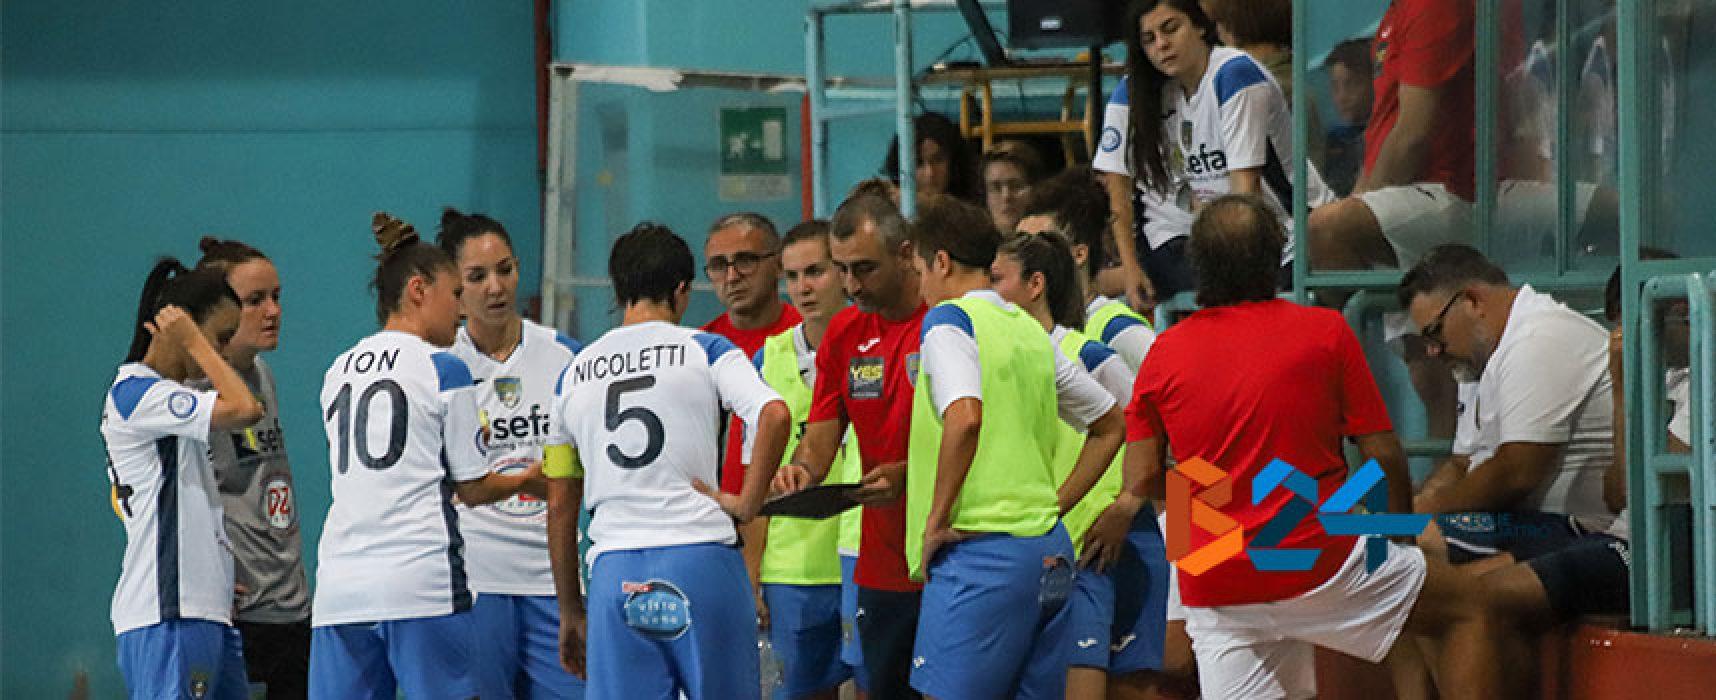 Bisceglie Femminile di scena sul campo della Futsal Salinis campione d'Italia